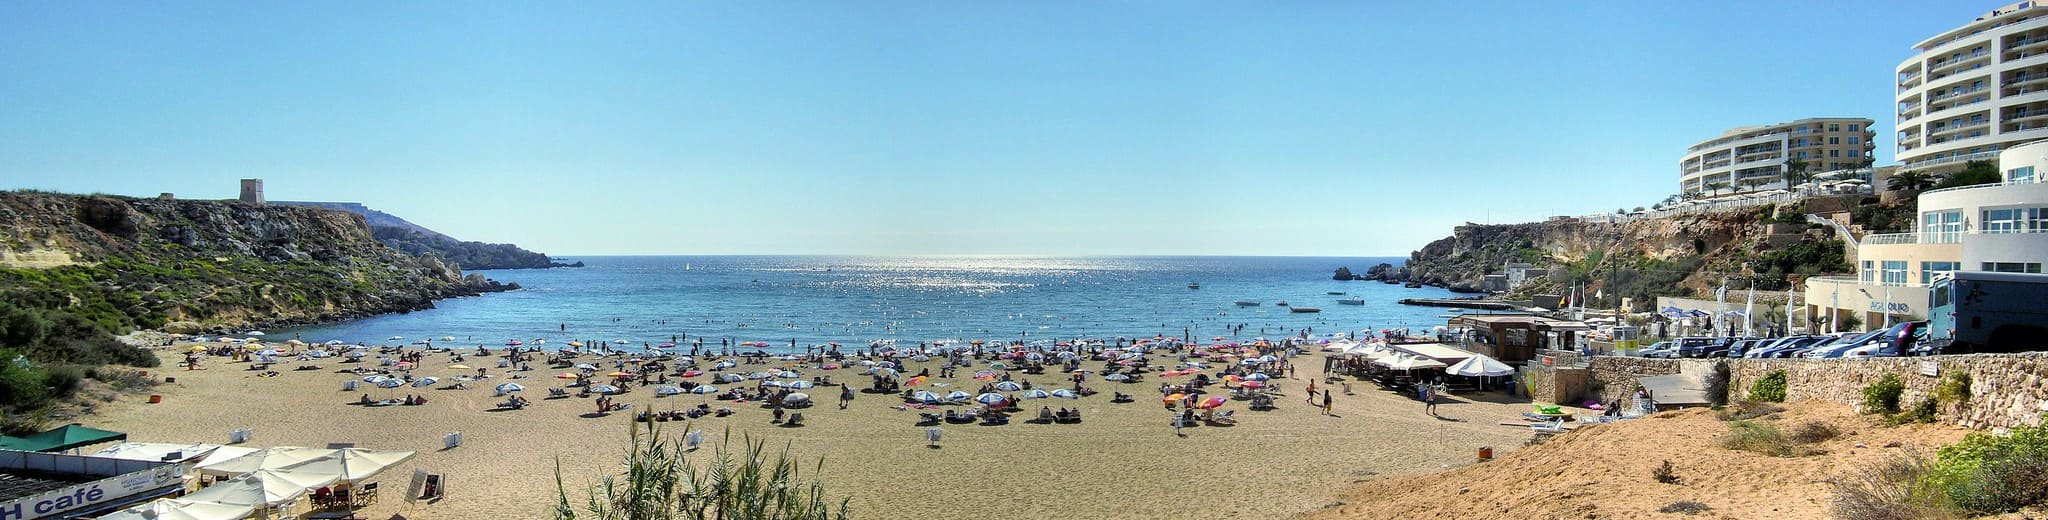 Spiaggia d'oro - Malta